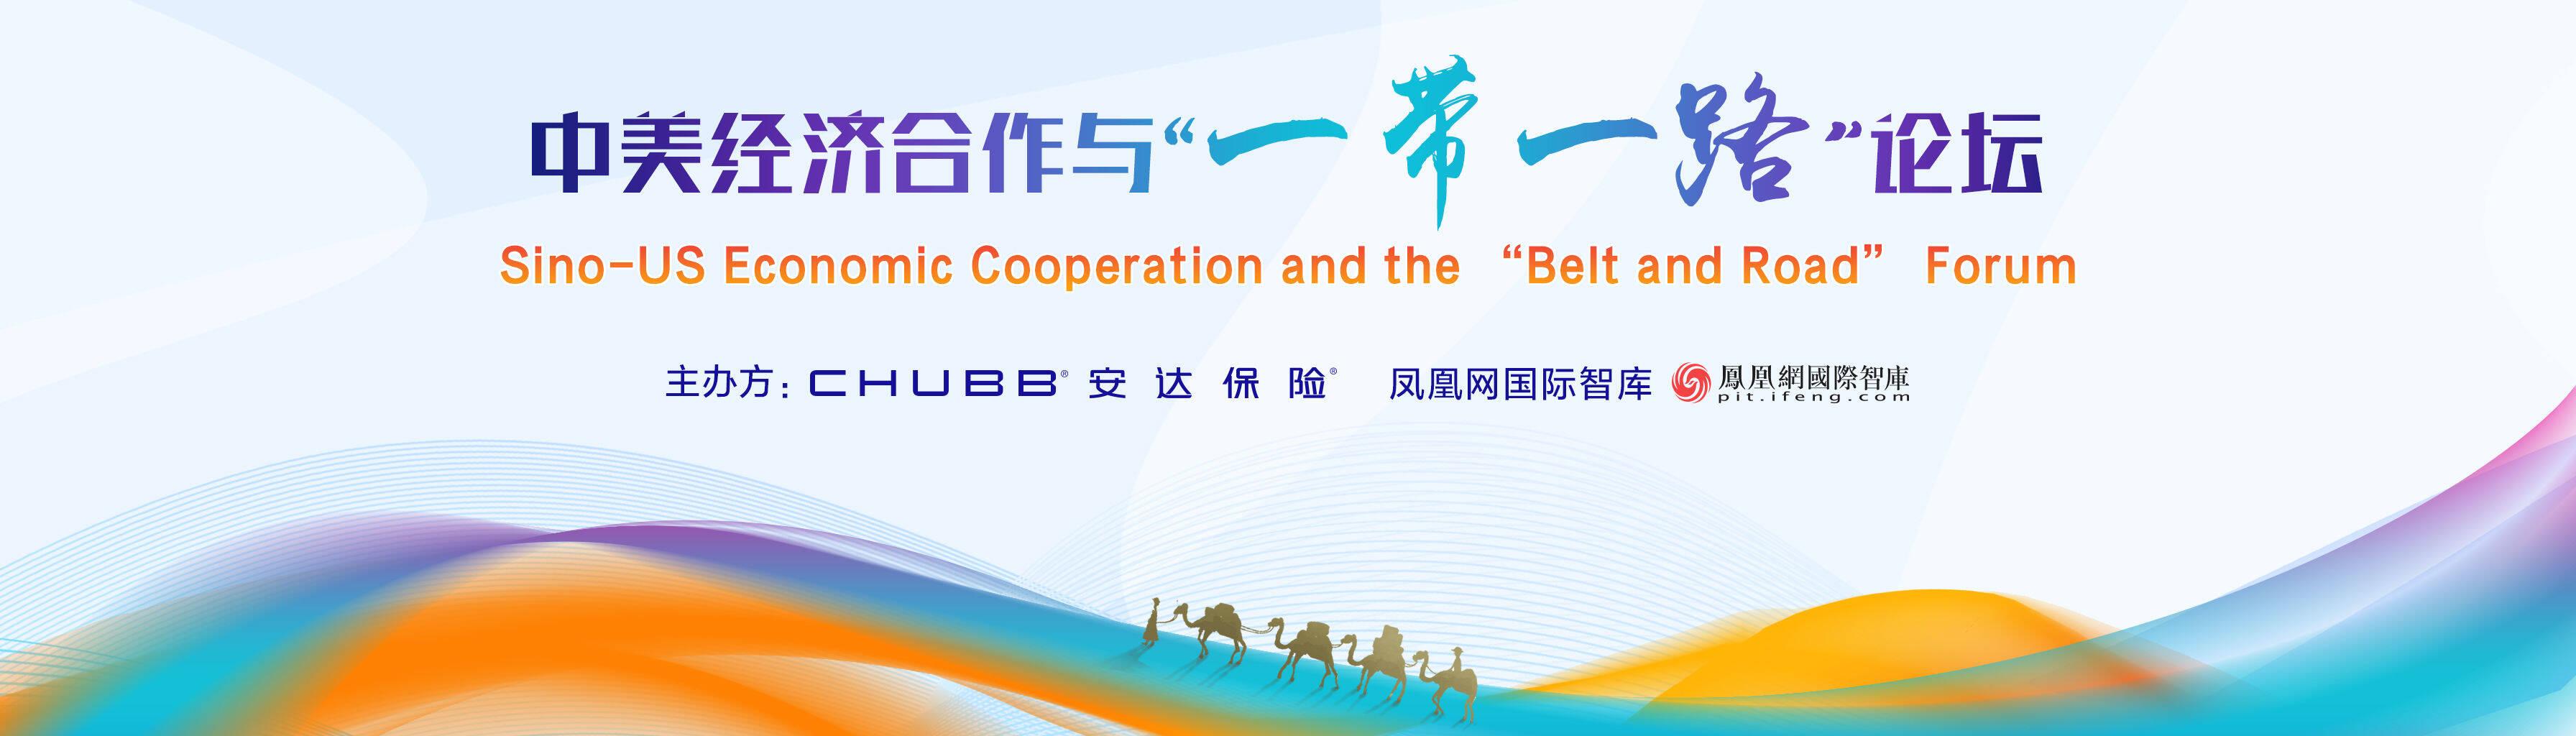 """中美经济合作与""""一带一路""""论坛"""